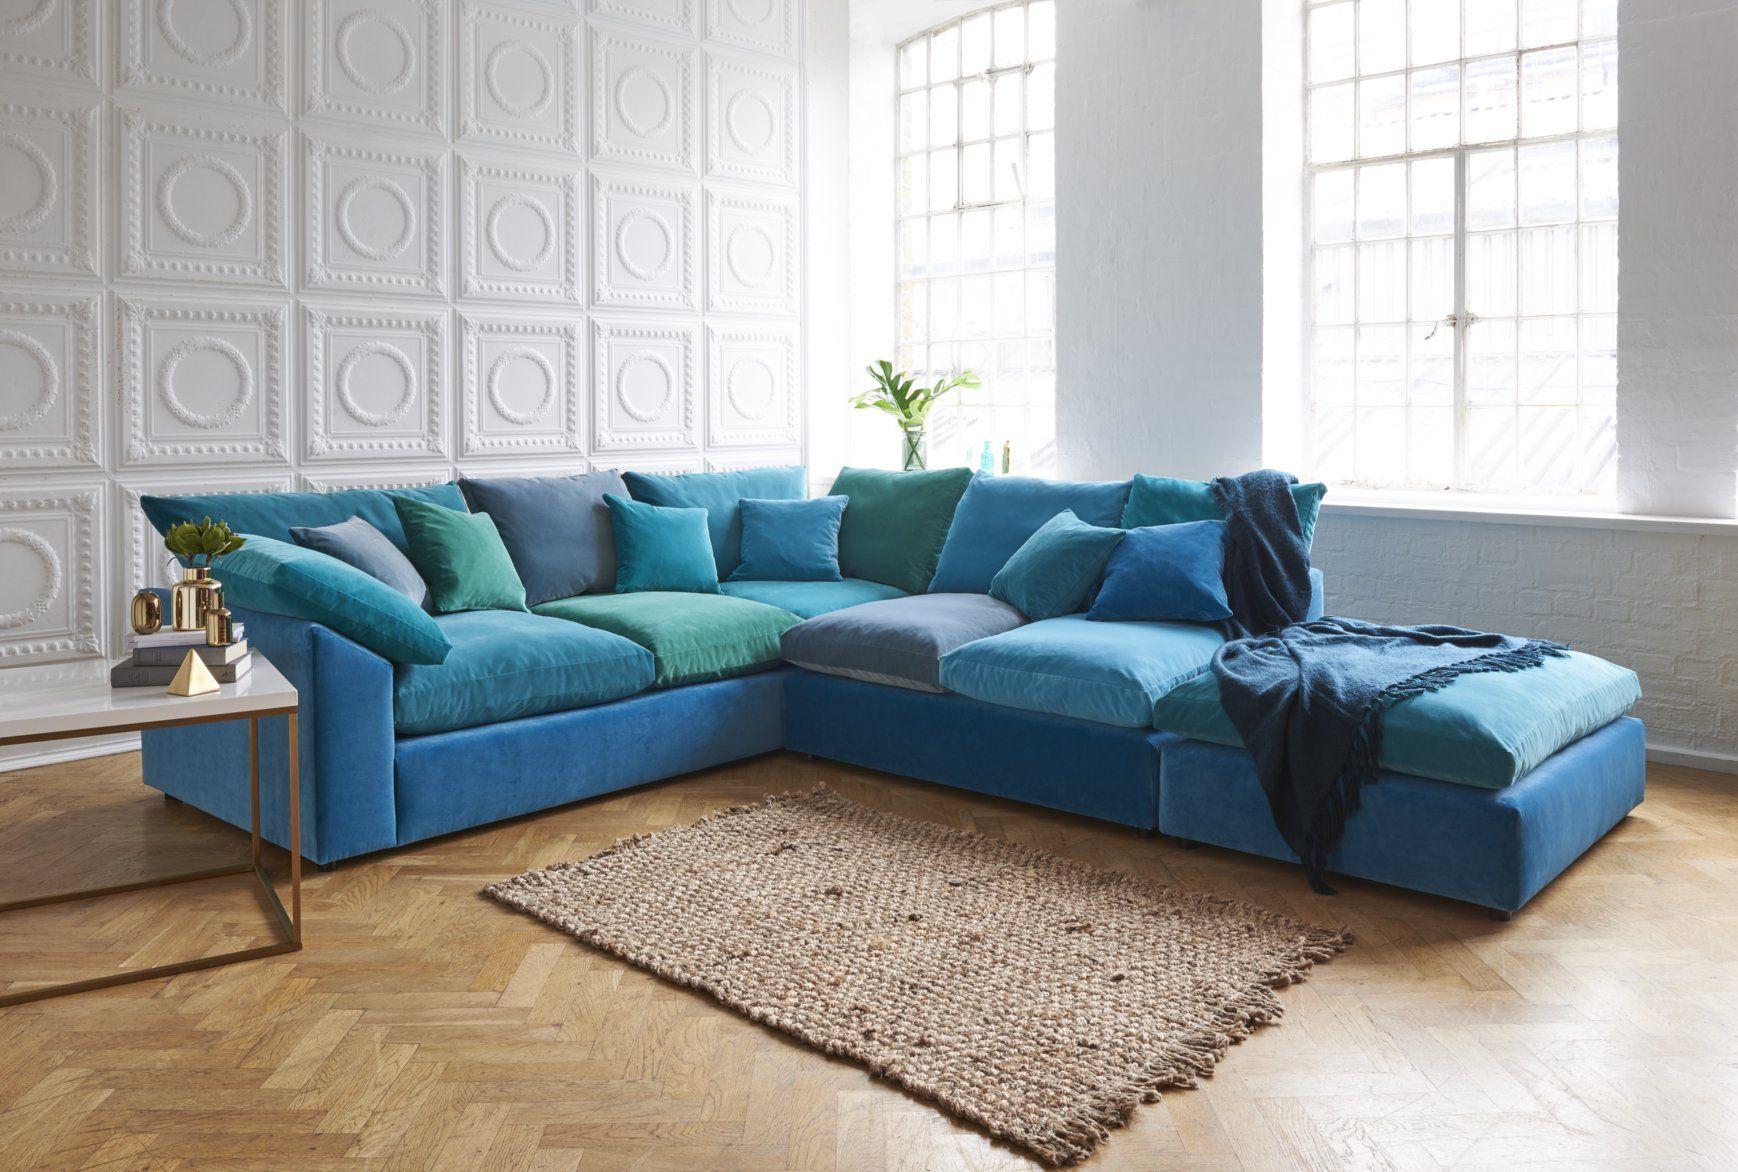 Big Softie large velvet corner sofa in sea blue tones of ...